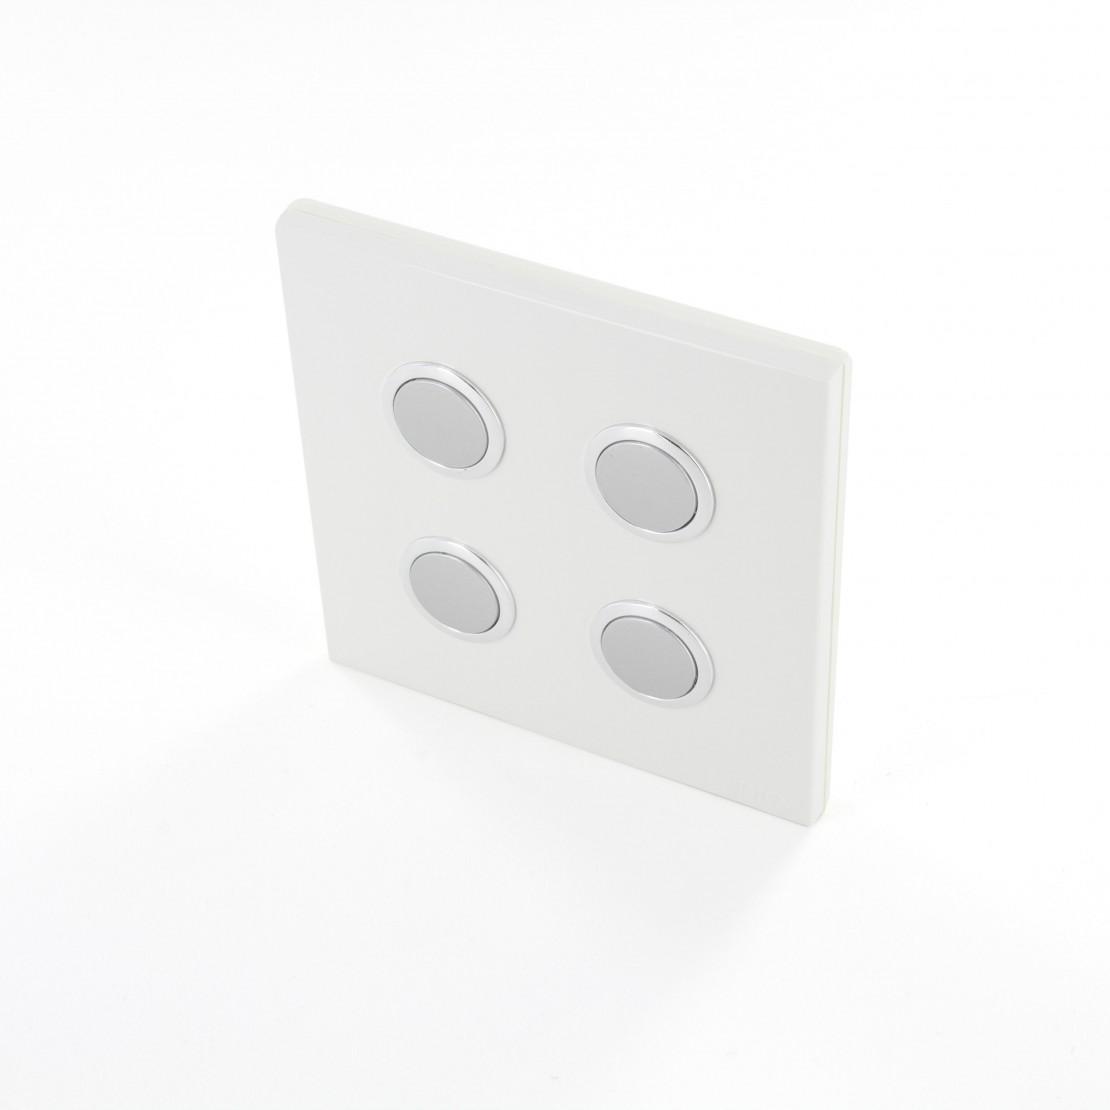 Interruptor 868MHz 4 Canais Branco